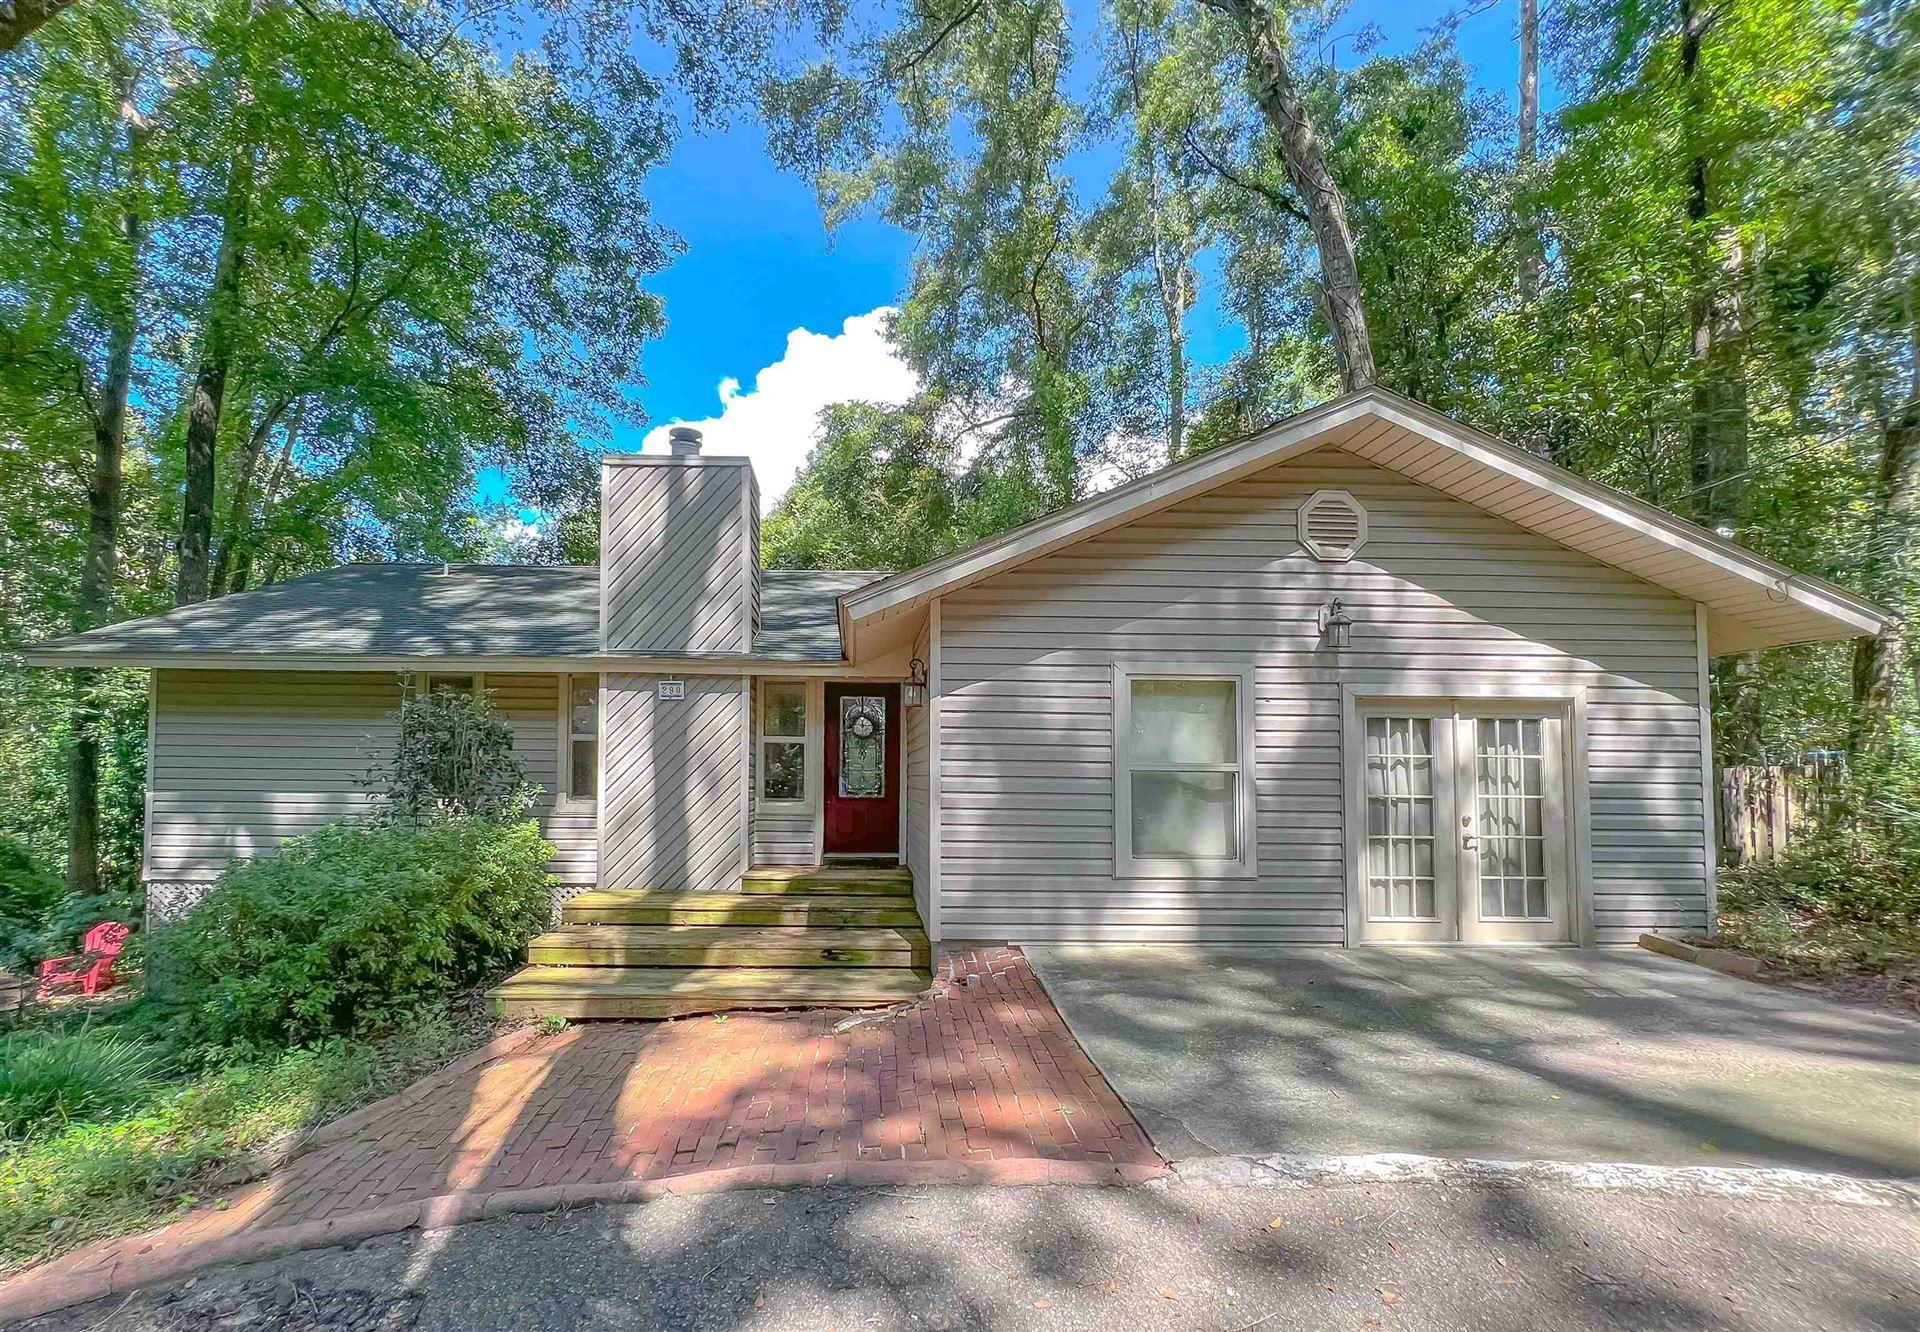 Photo of 290 Fern Hollow Road, TALLAHASSEE, FL 32312 (MLS # 338700)